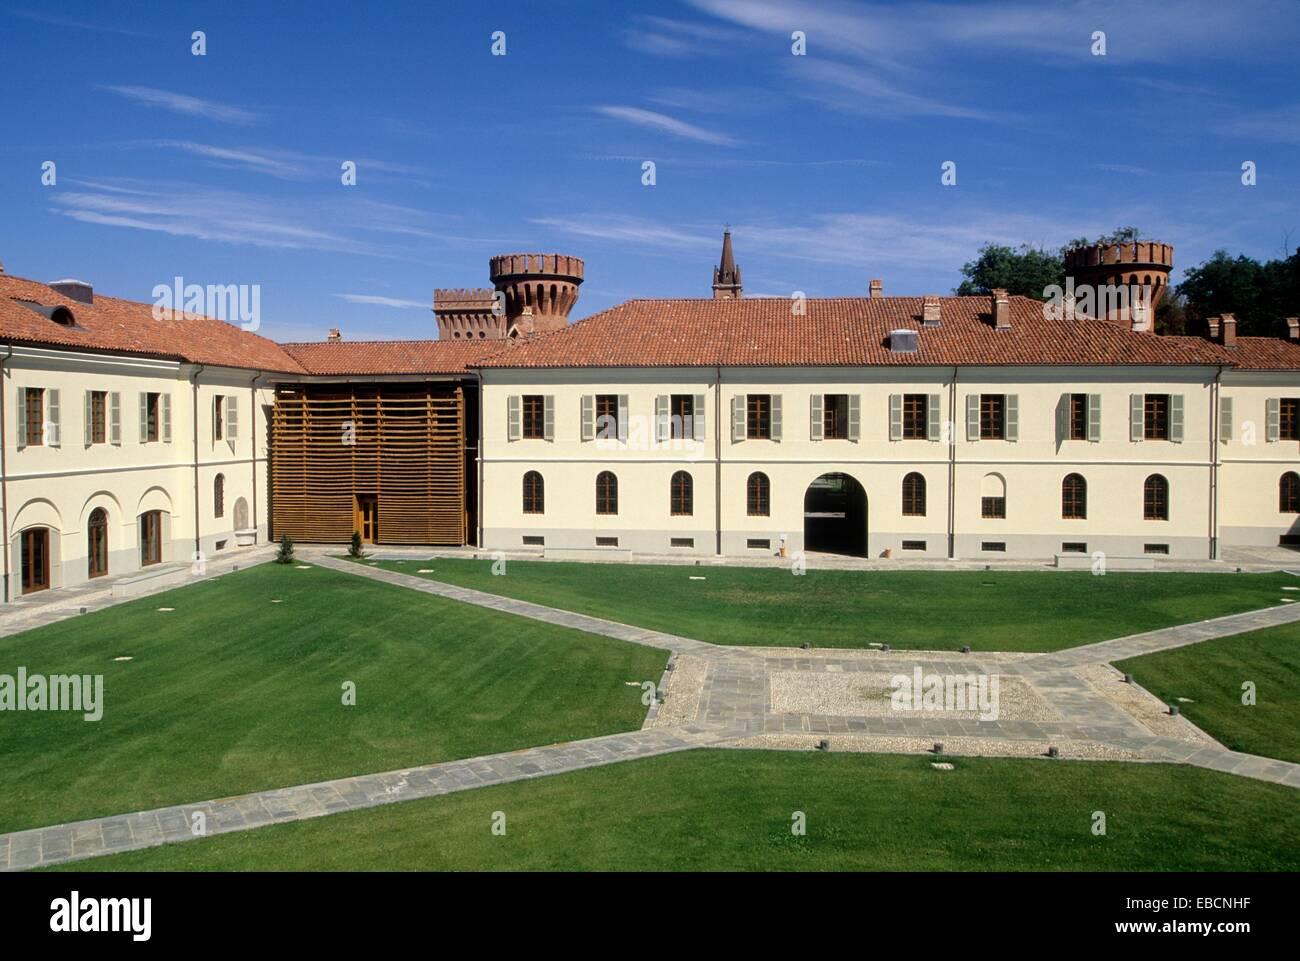 1800s 19th century Agenzia Albergo Alberto architecture brassière Carlo Cascina color image country cuneo estate - Stock Image